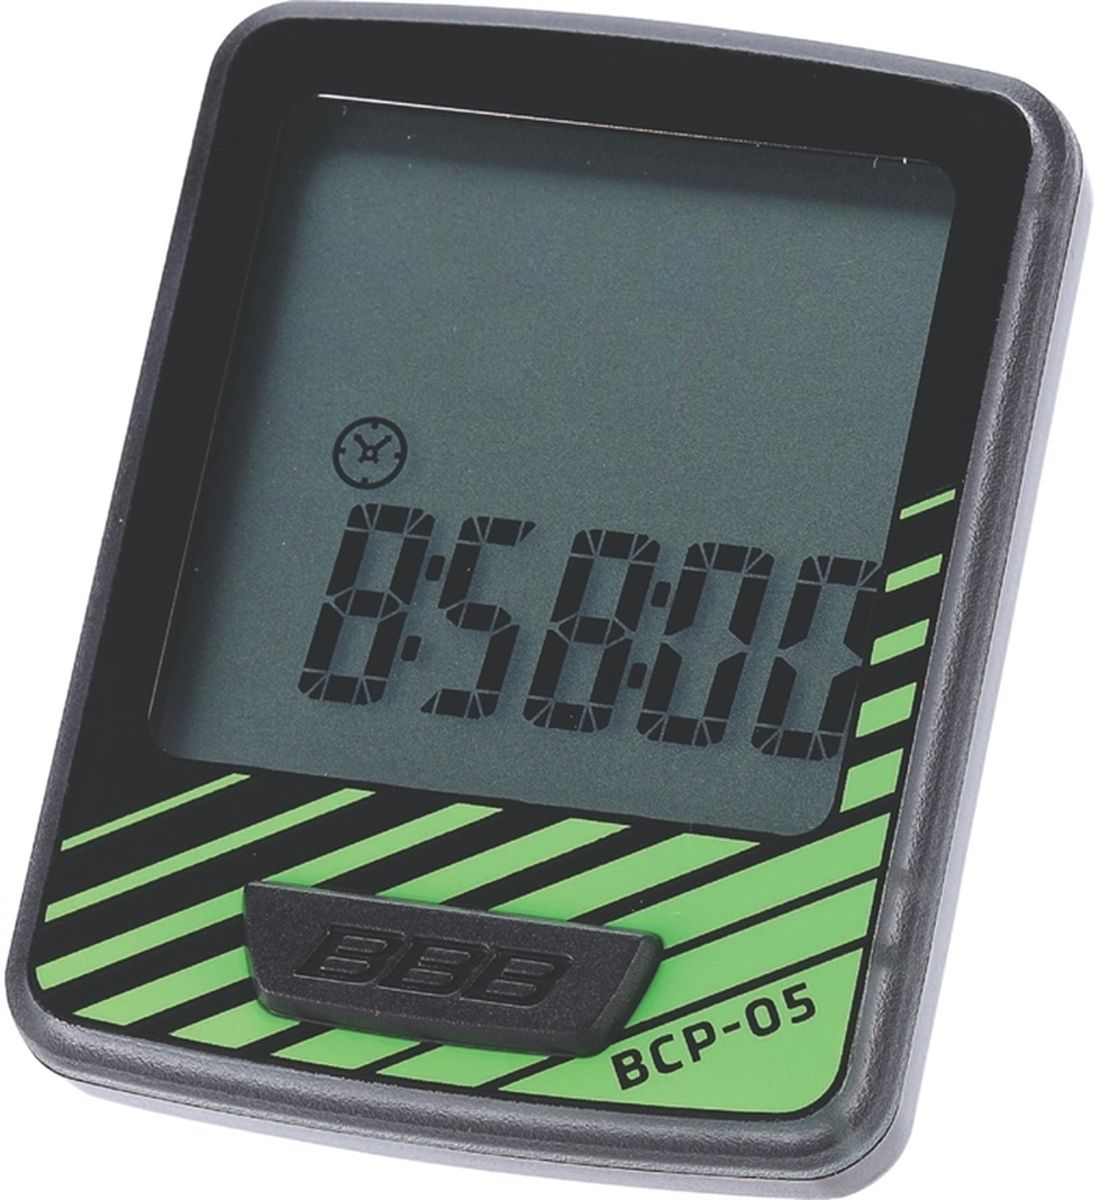 Велокомпьютер BBB DashBoard, цвет: черный, зеленый, 7 функцийBCP-05Велокомпьютер BBB DashBoard стал, в своем роде, образцом для подражания. Появившись как простой и небольшой велокомпьютер с большим и легкочитаемым экраном, он эволюционировал в любимый прибор велосипедистов, которым нужна простая в использовании вещь без тысячи лишних функций. Общий размер велокомпьютера имеет небольшой размер за счет верхней части корпуса. Размер экрана 32 х 32 мм, позволяющие легко считывать информацию. Управление одной кнопкой.Функции:Текущая скоростьРасстояние поездкиОдометрЧасыАвтоматический переход функцийАвто старт/стопИндикатор низкого заряда батареи.Особенности:Легко читаемый полноразмерный дисплей.Удобное управление с помощью одной кнопки.Компьютер может быть установлен на руле и выносе.Водонепроницаемый корпус.Батарейка в комплекте.